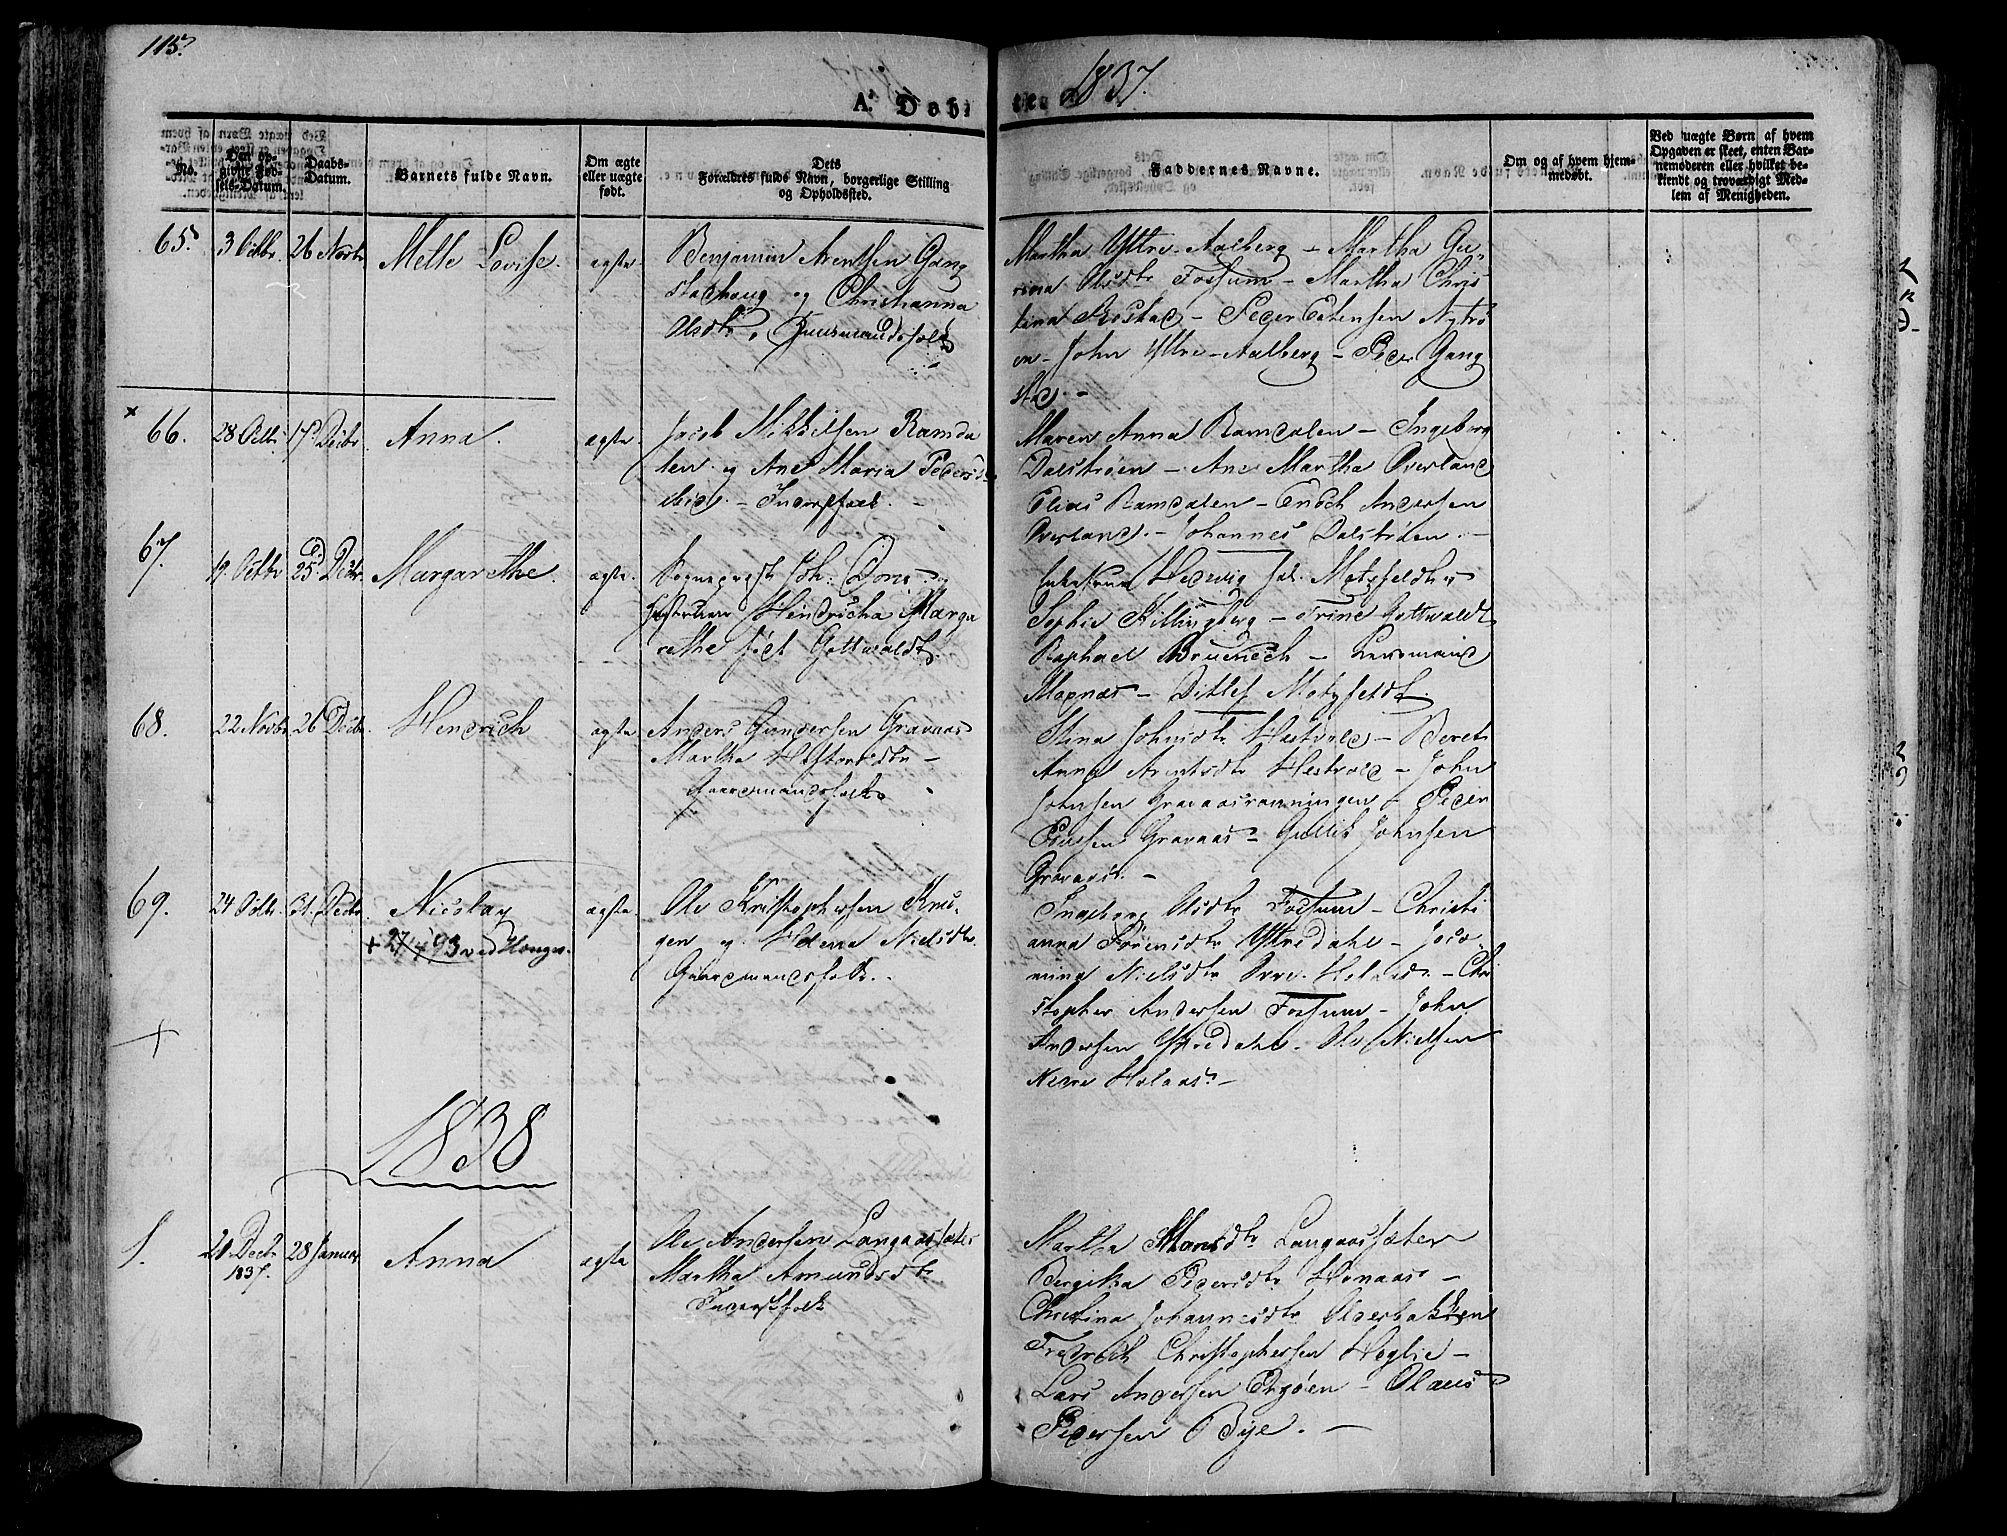 SAT, Ministerialprotokoller, klokkerbøker og fødselsregistre - Nord-Trøndelag, 701/L0006: Ministerialbok nr. 701A06, 1825-1841, s. 115